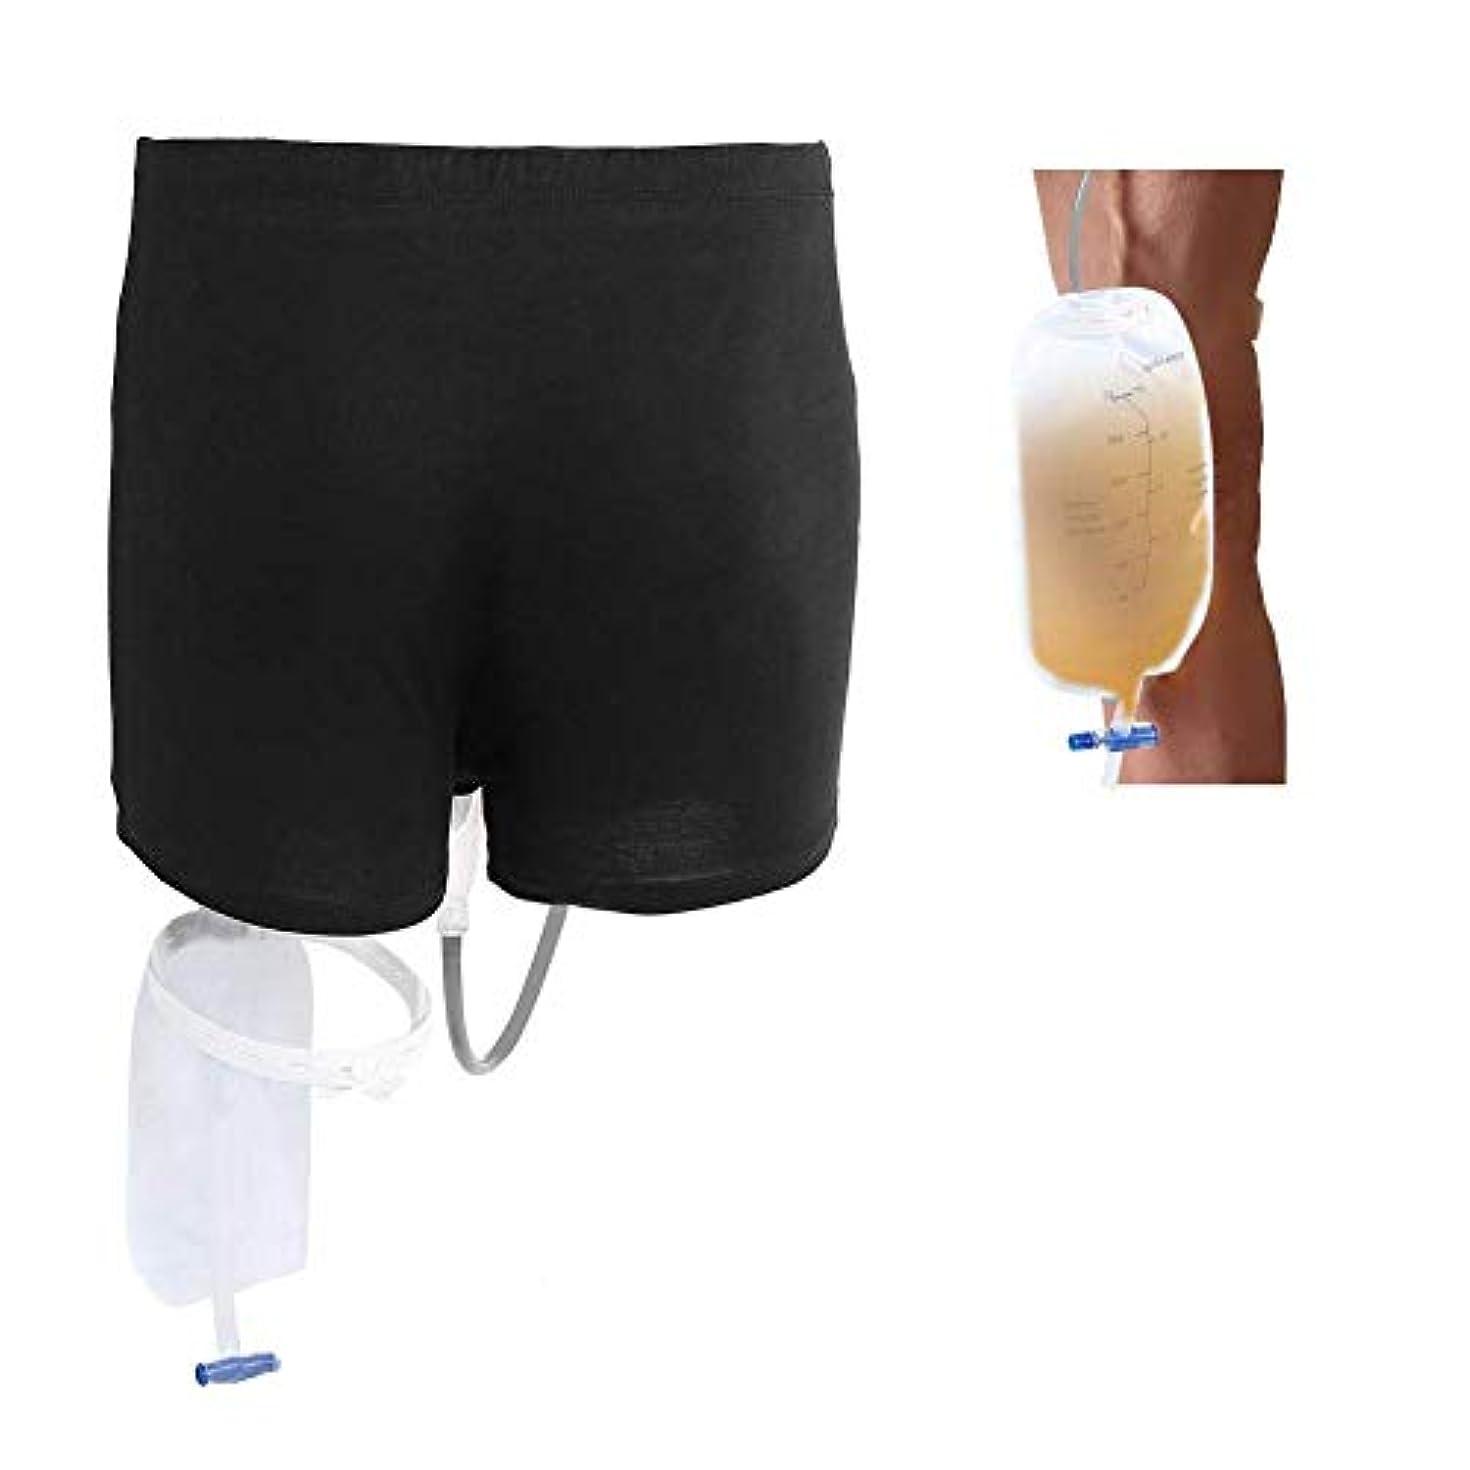 アンティーク取り消す梨人のための身につけられる尿袋の失禁ズボン、年配の人のためのコレクション袋の携帯用漏出防止の足のおしっこのカテーテルのホールダーが付いている便器システム